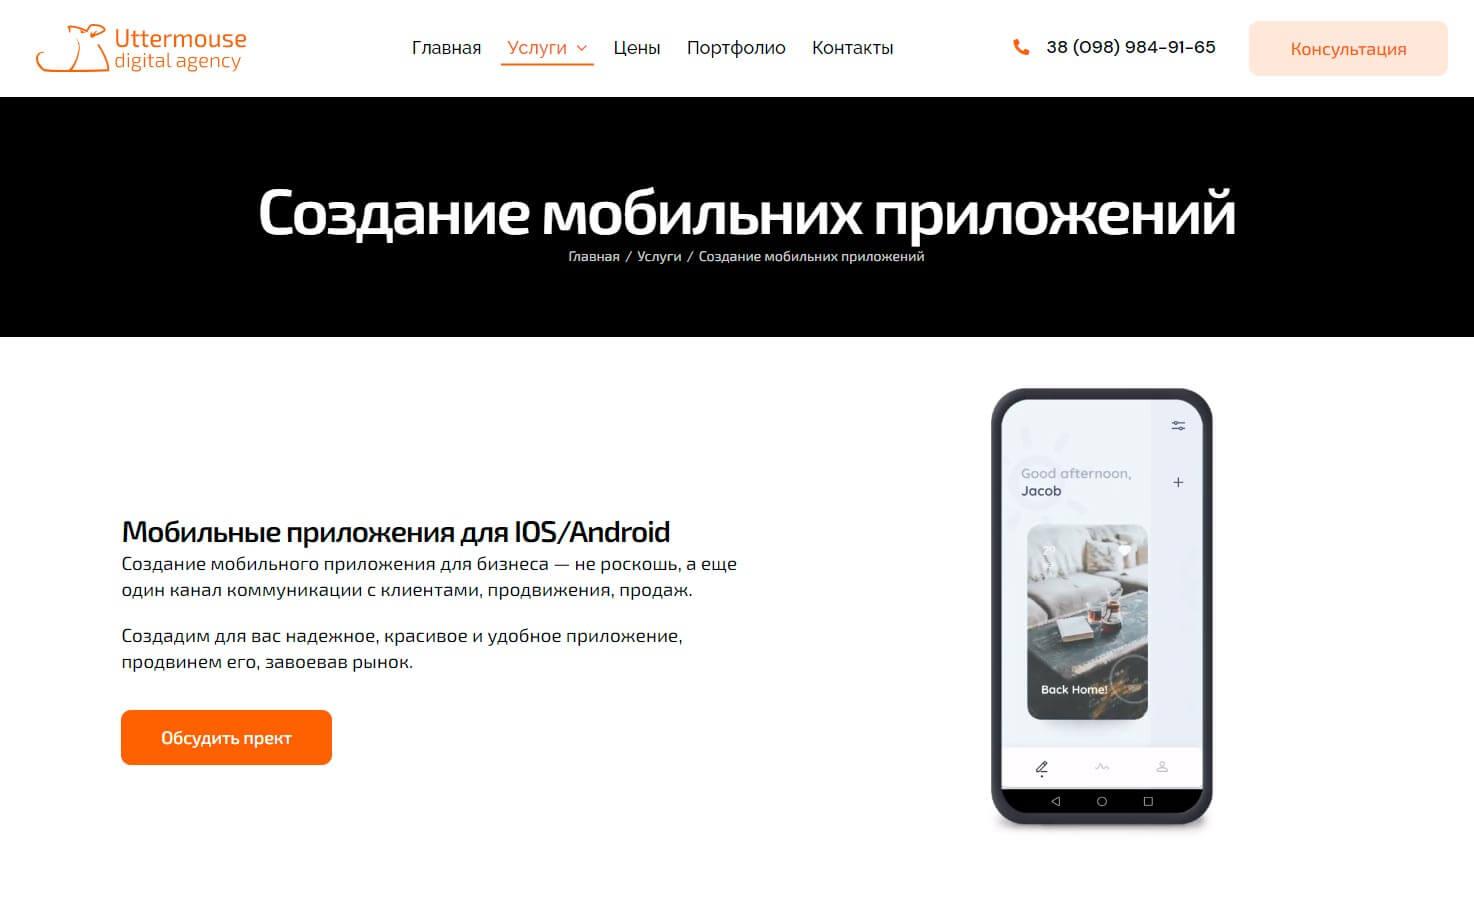 Uttermouse - обзор компании, услуги, отзывы, клиенты, Фото № 2 - google-seo.pro